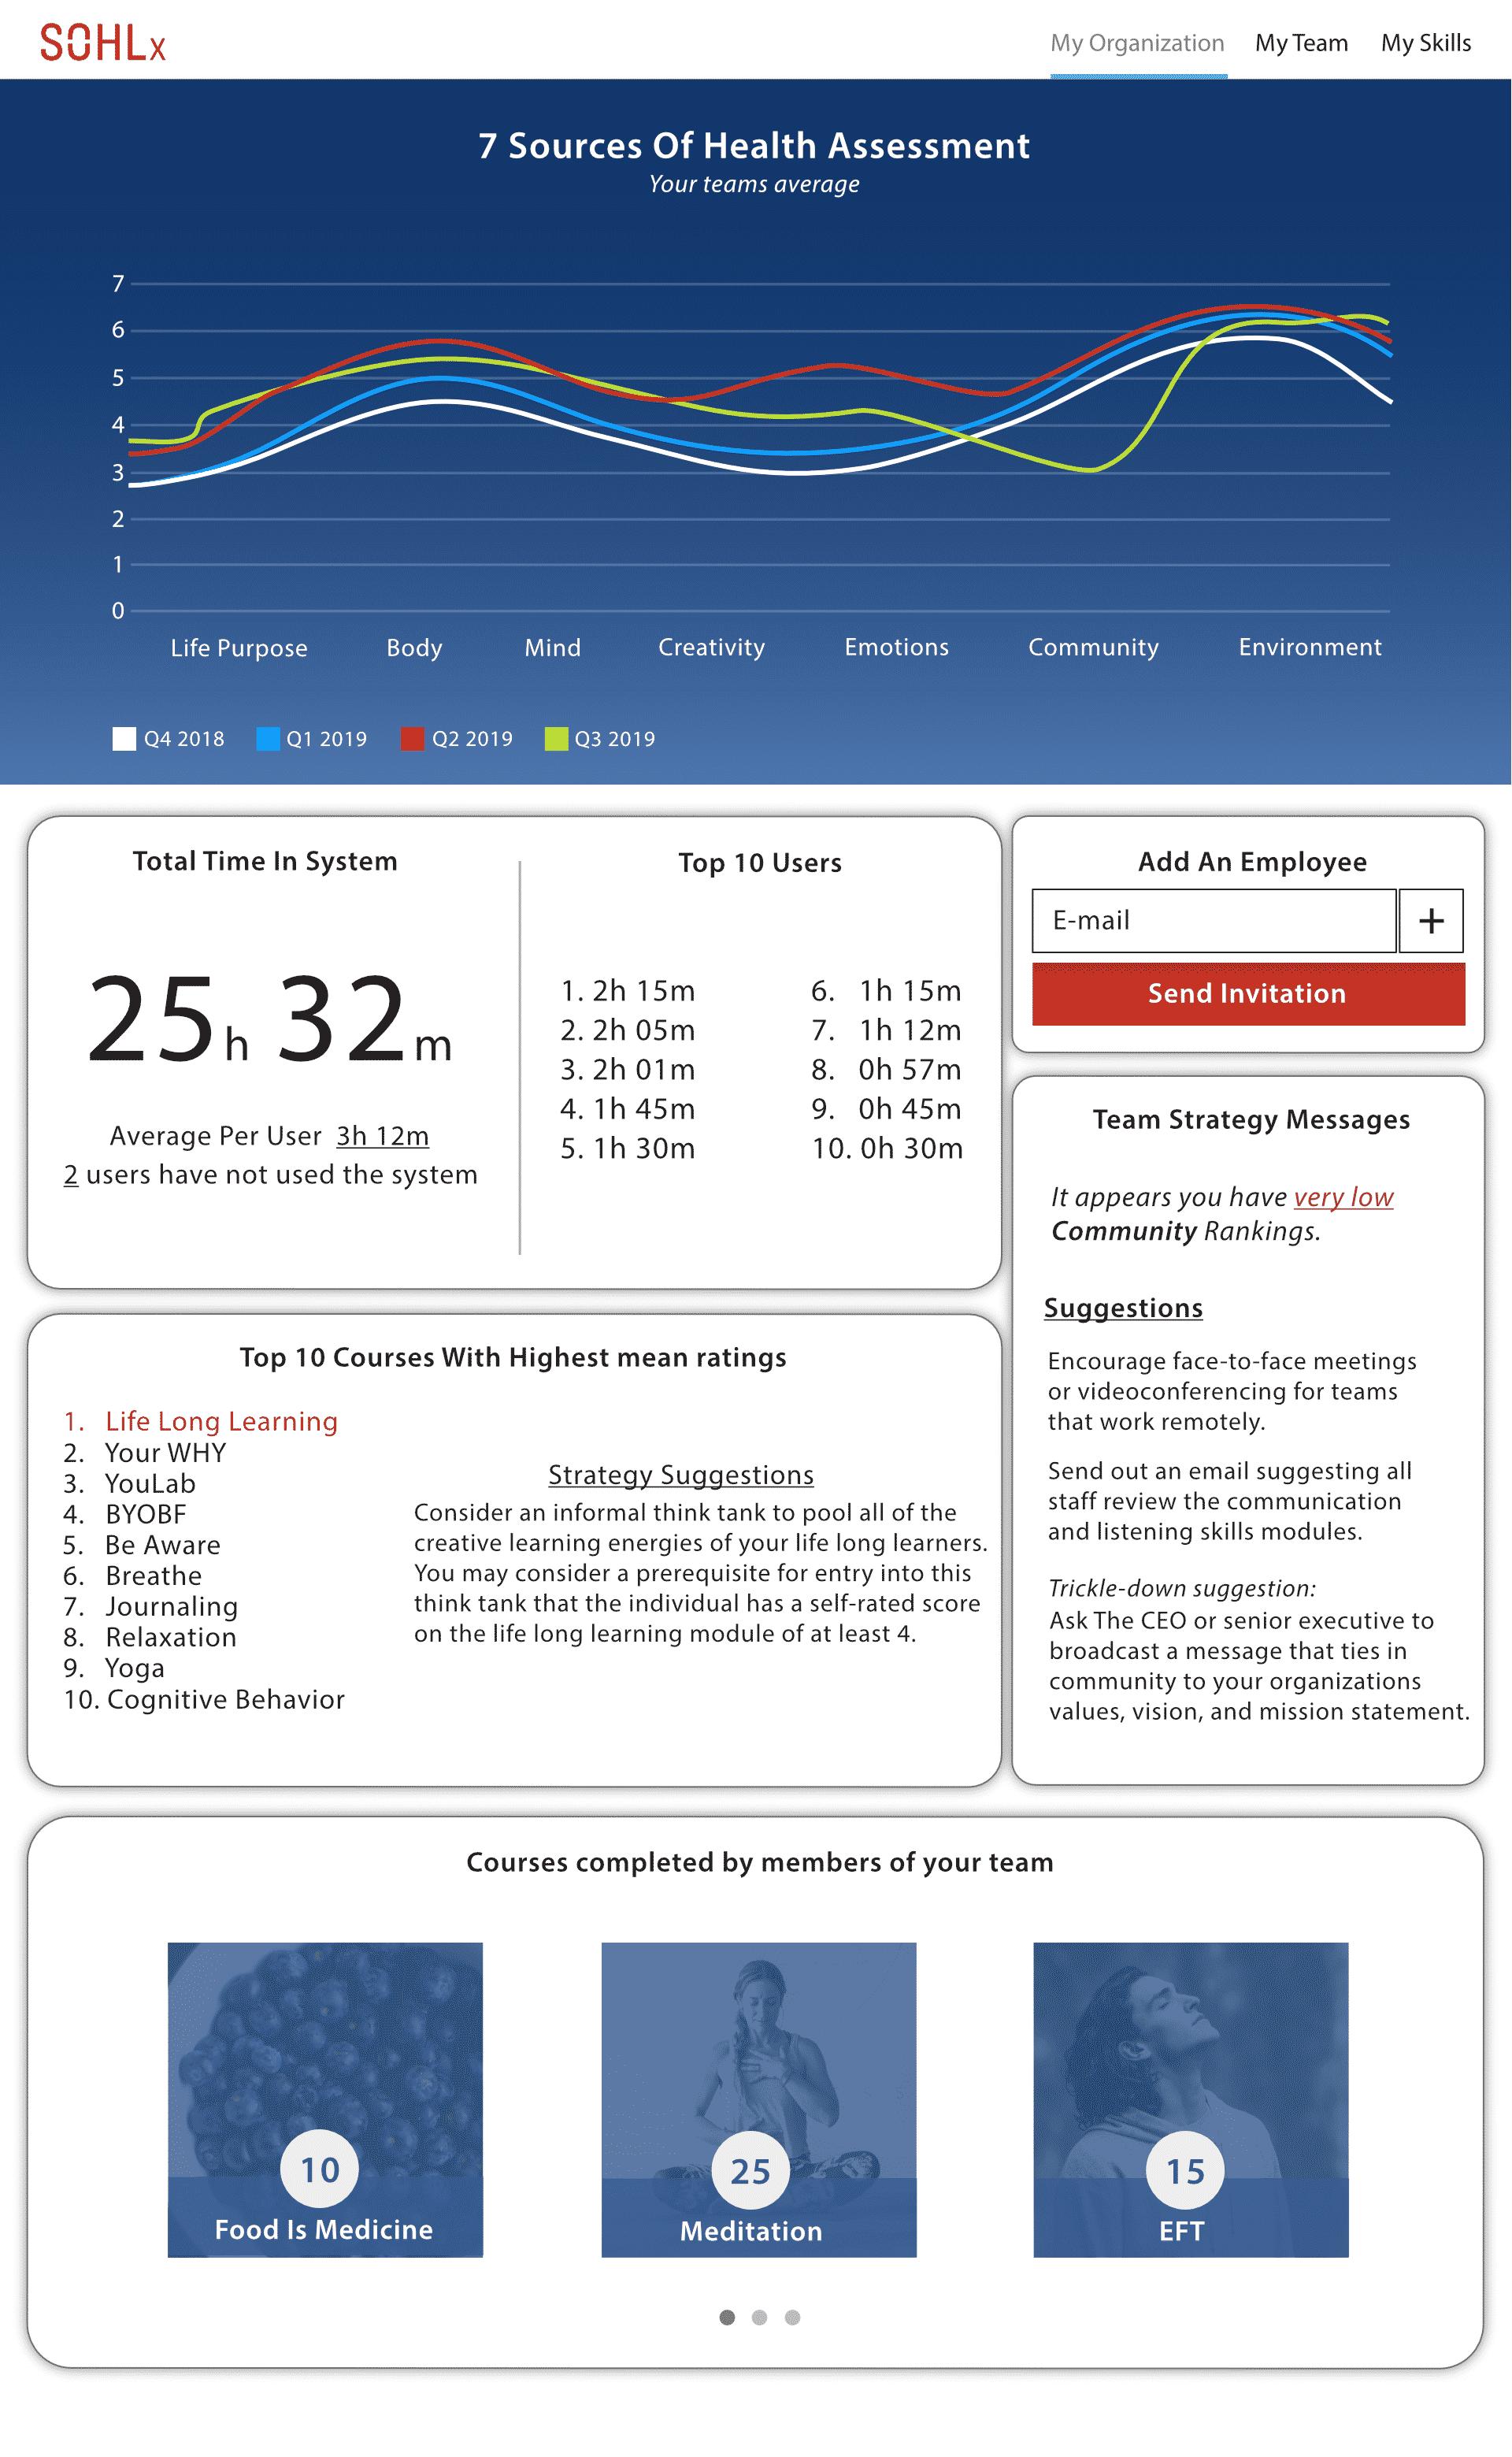 sohlx-org-dash-1920